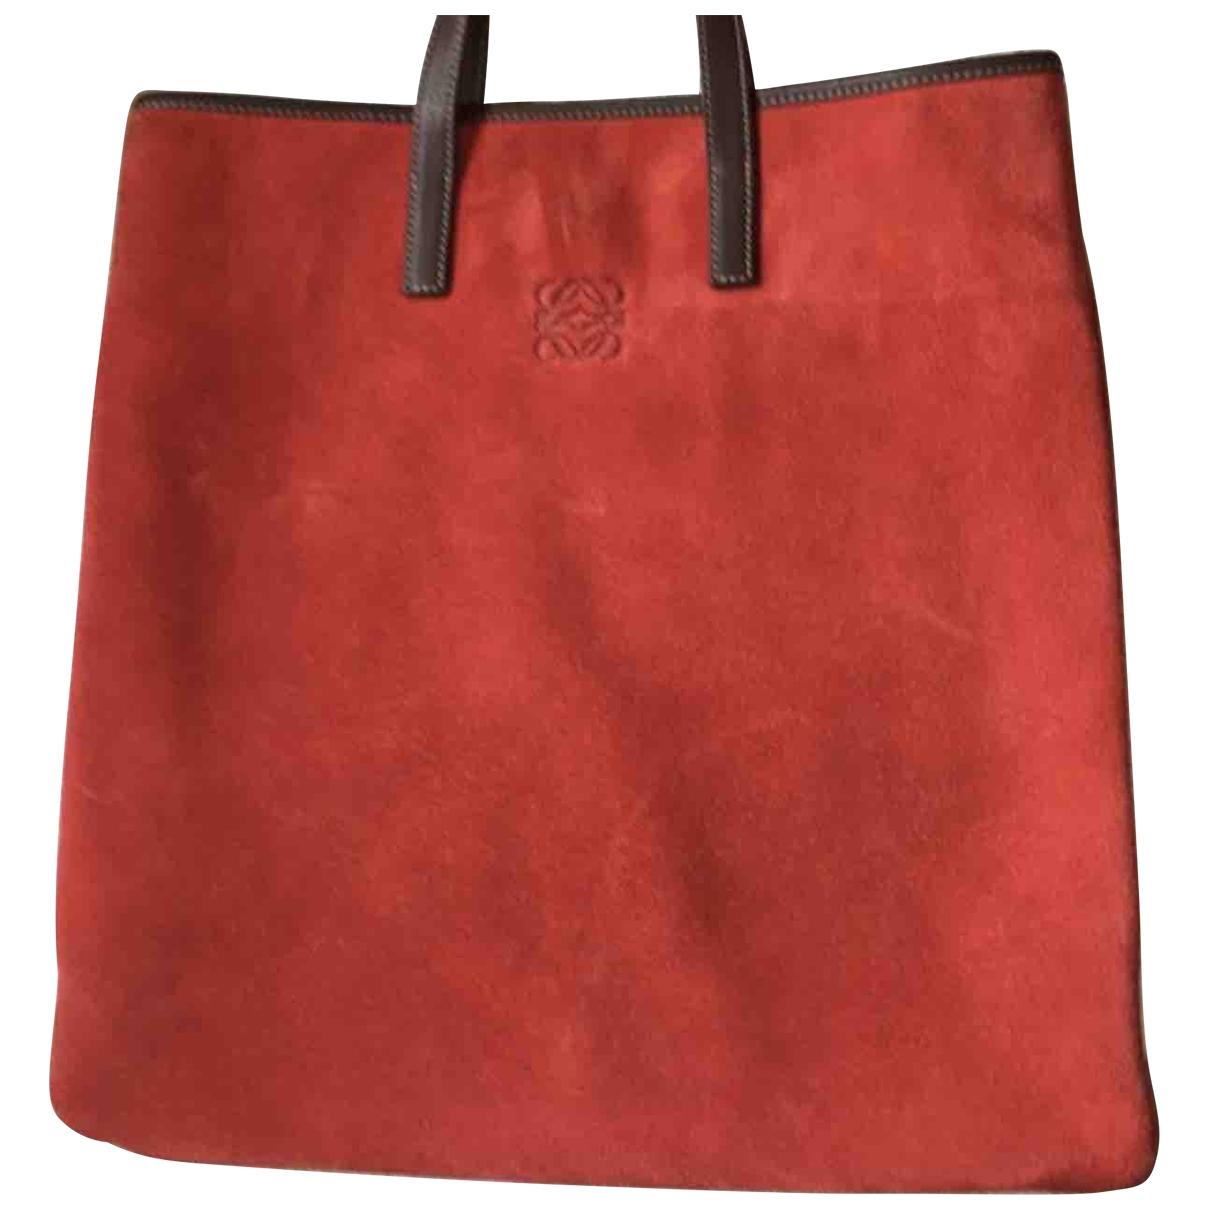 Loewe \N Red Suede handbag for Women \N